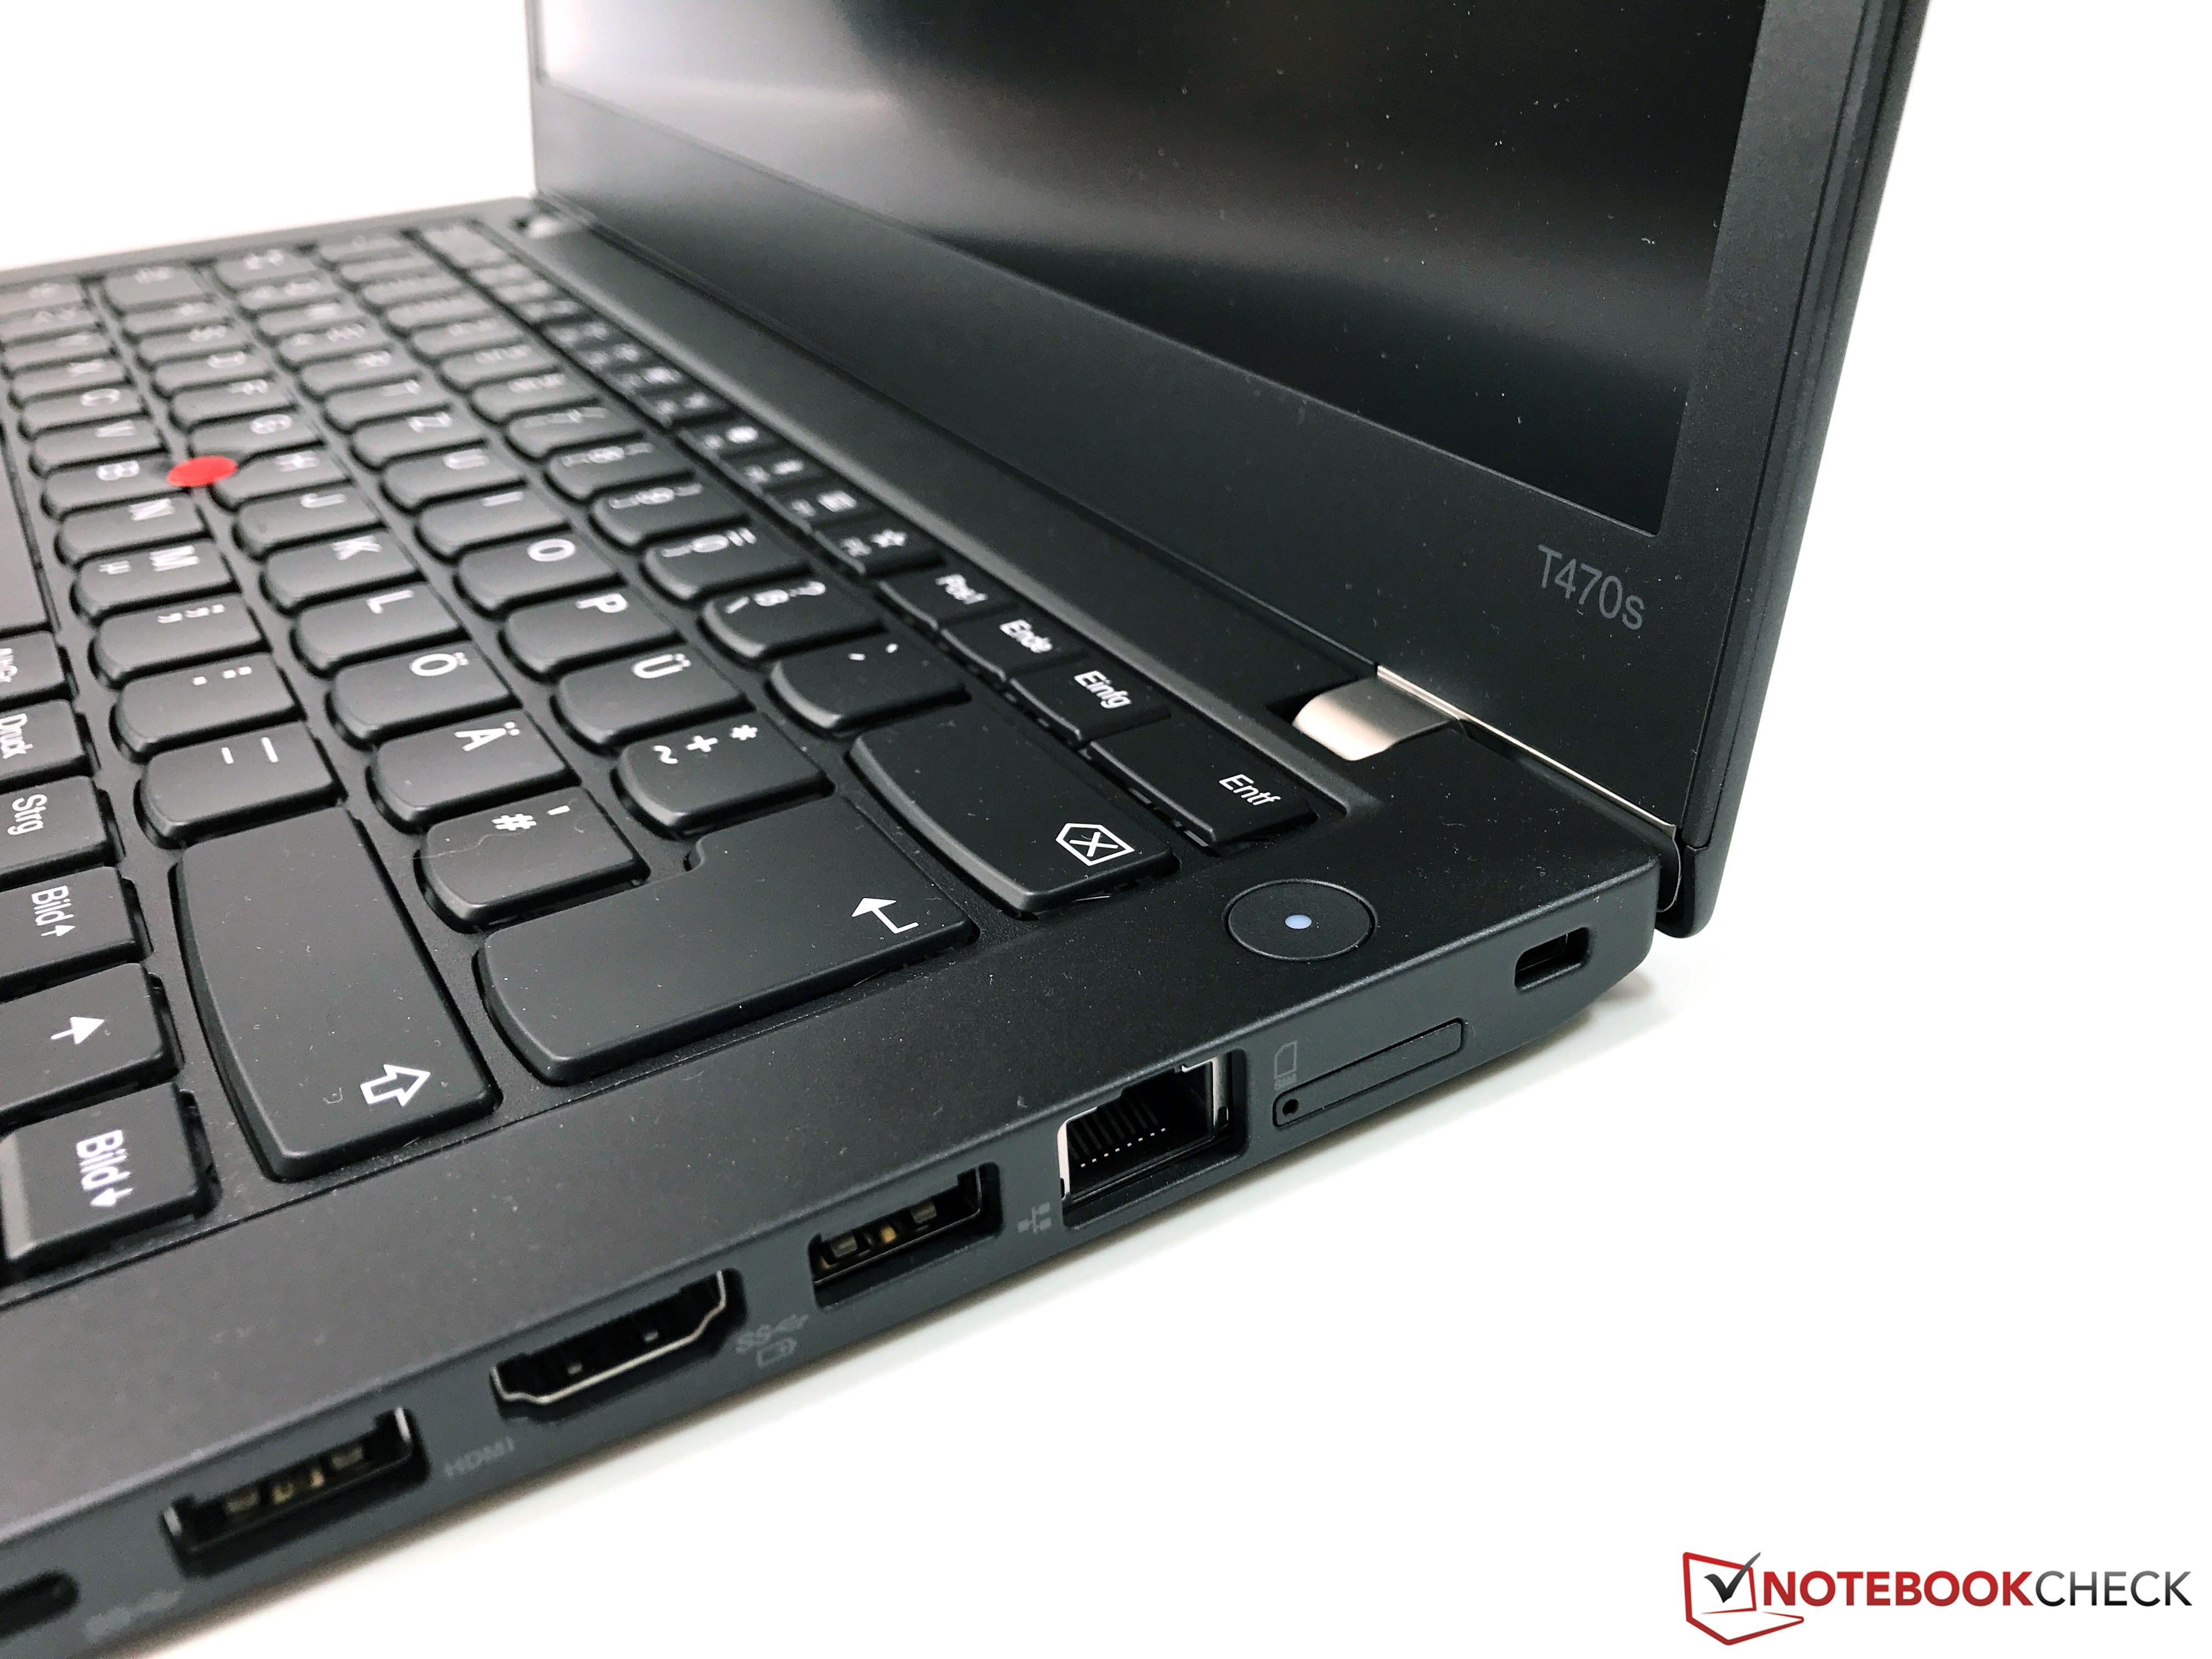 Kısa inceleme: Lenovo ThinkPad T470s (Core i7, WQHD) Laptop